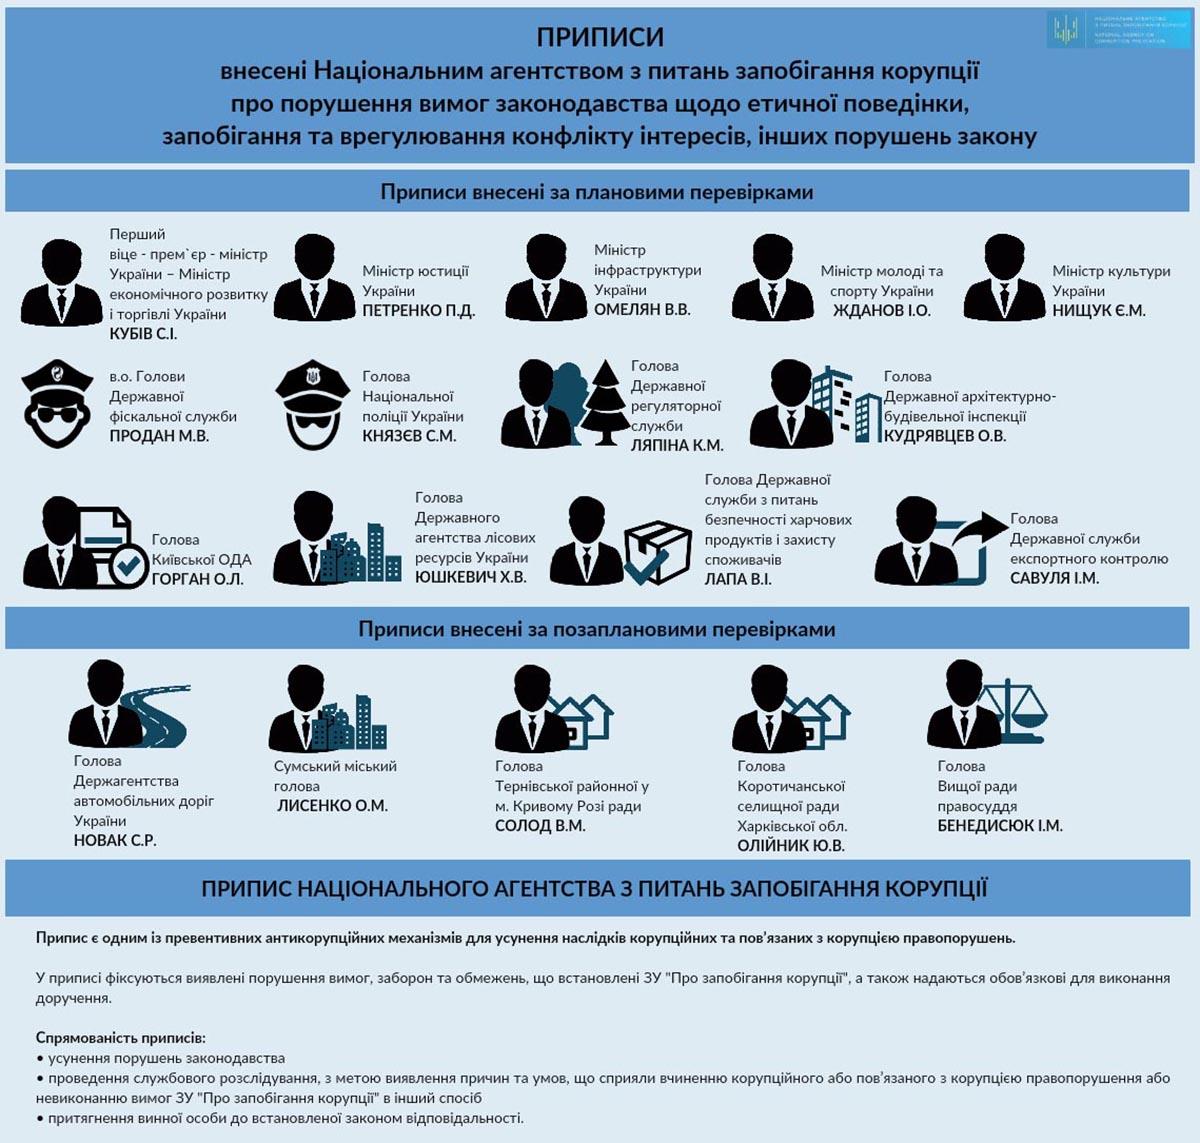 НАПК внесло предписания пятерым министрам: инфографика